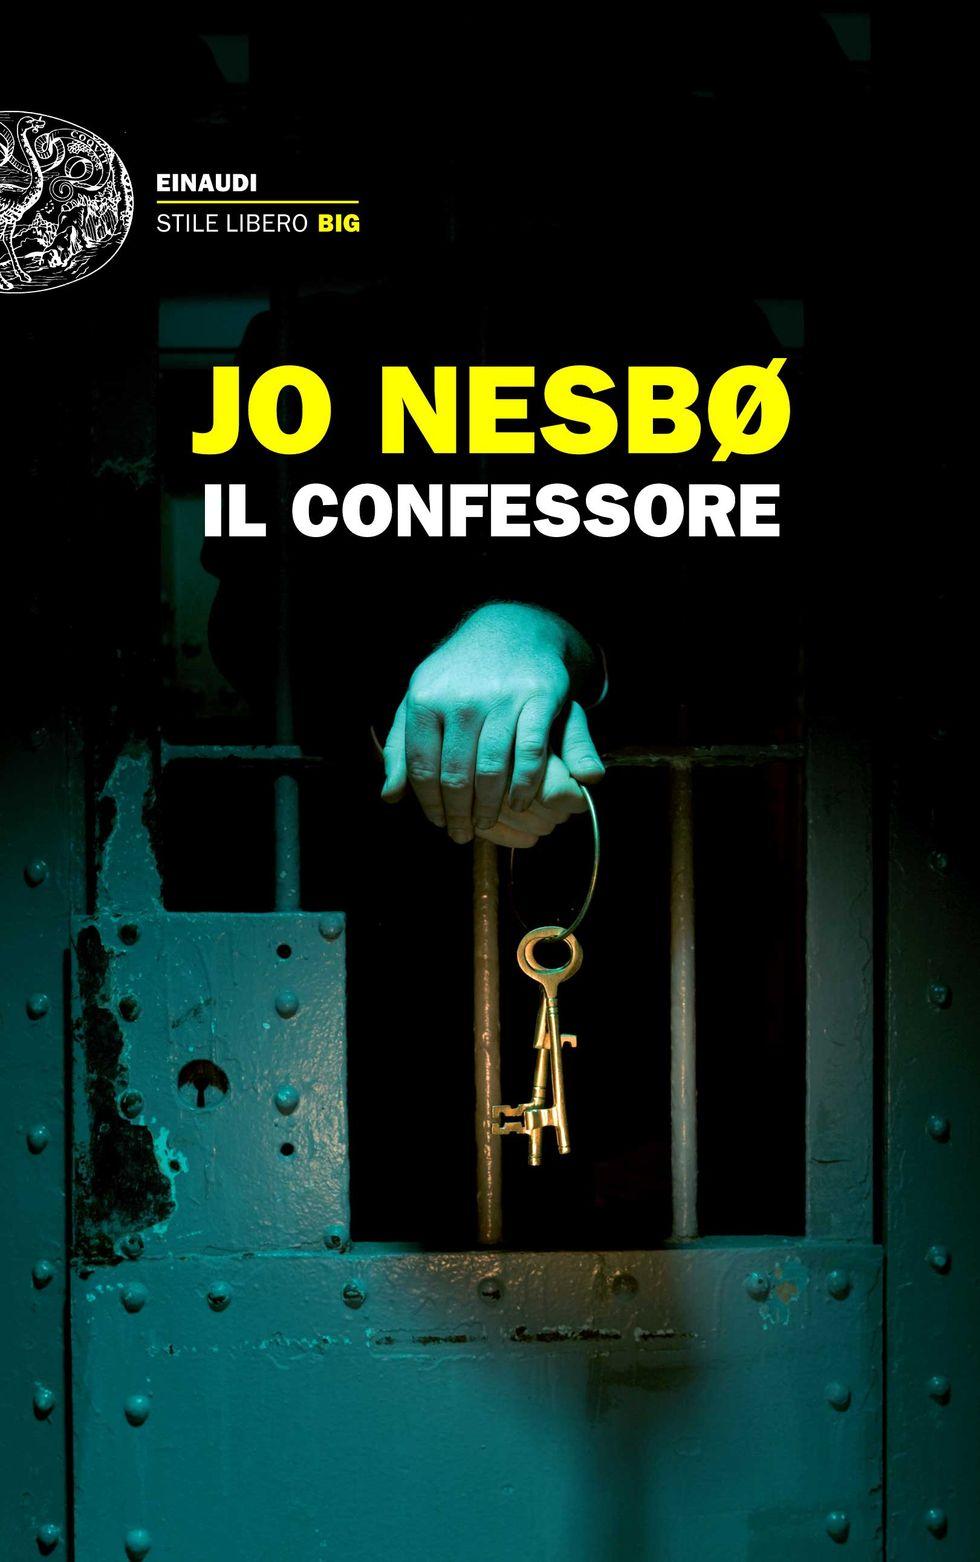 Jo Nesbo, Il confessore